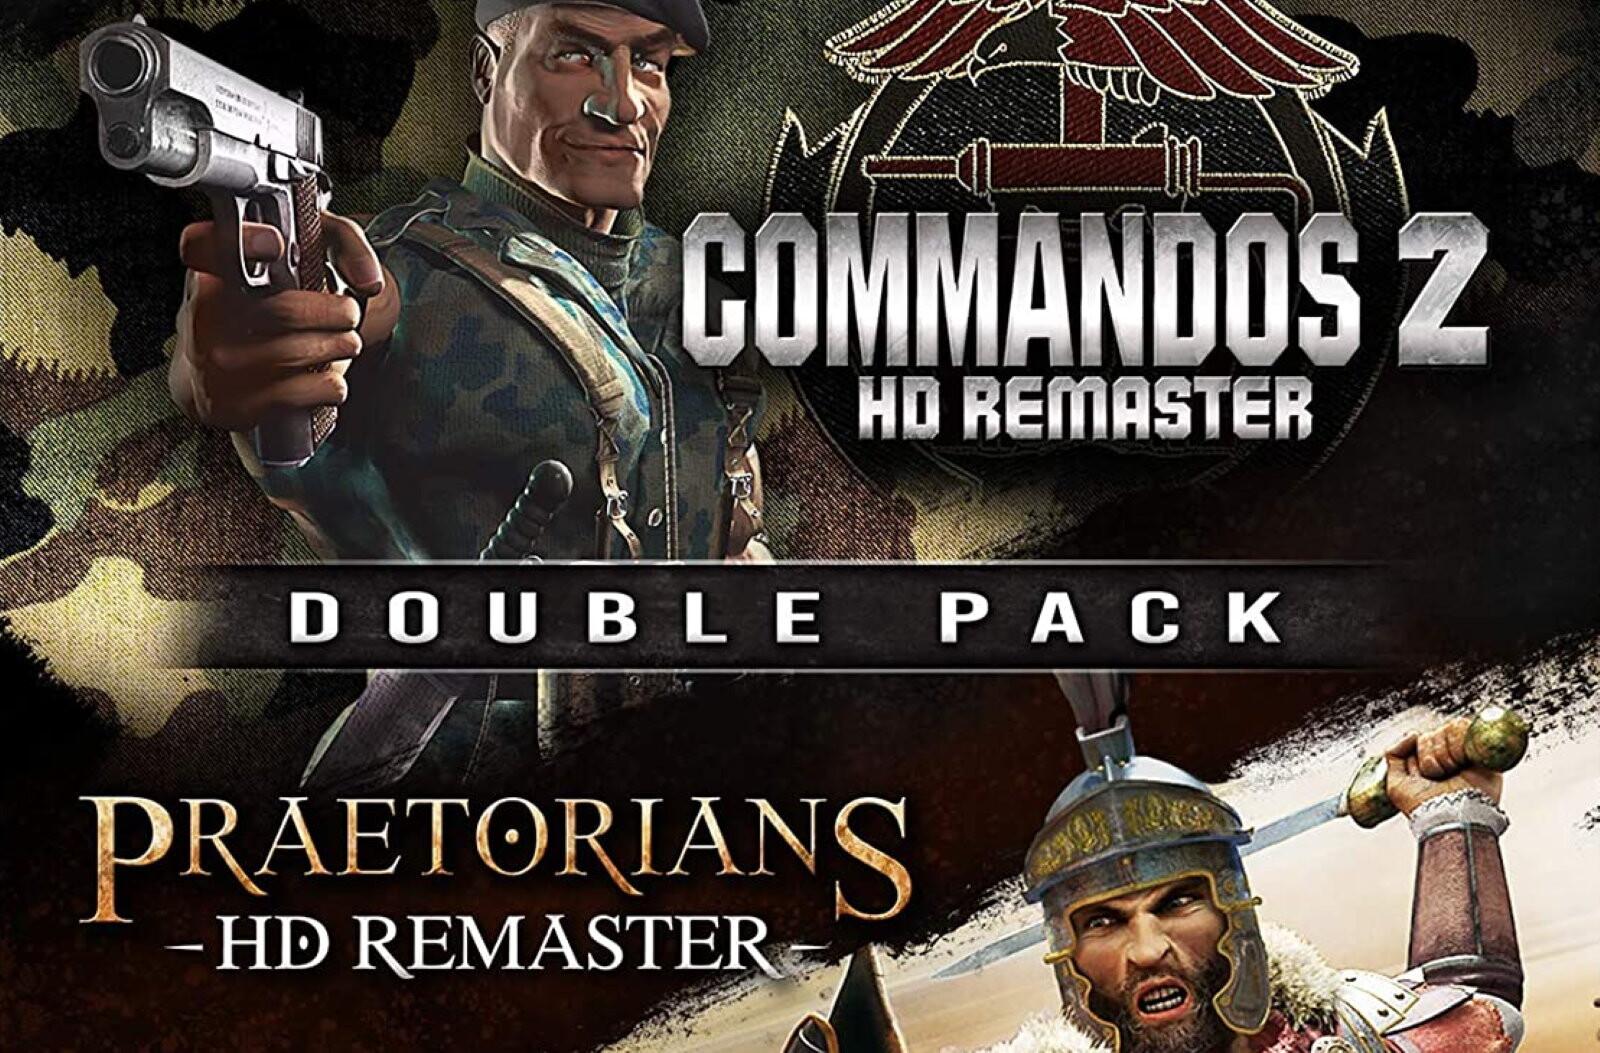 Commandos 2 + Praetorians